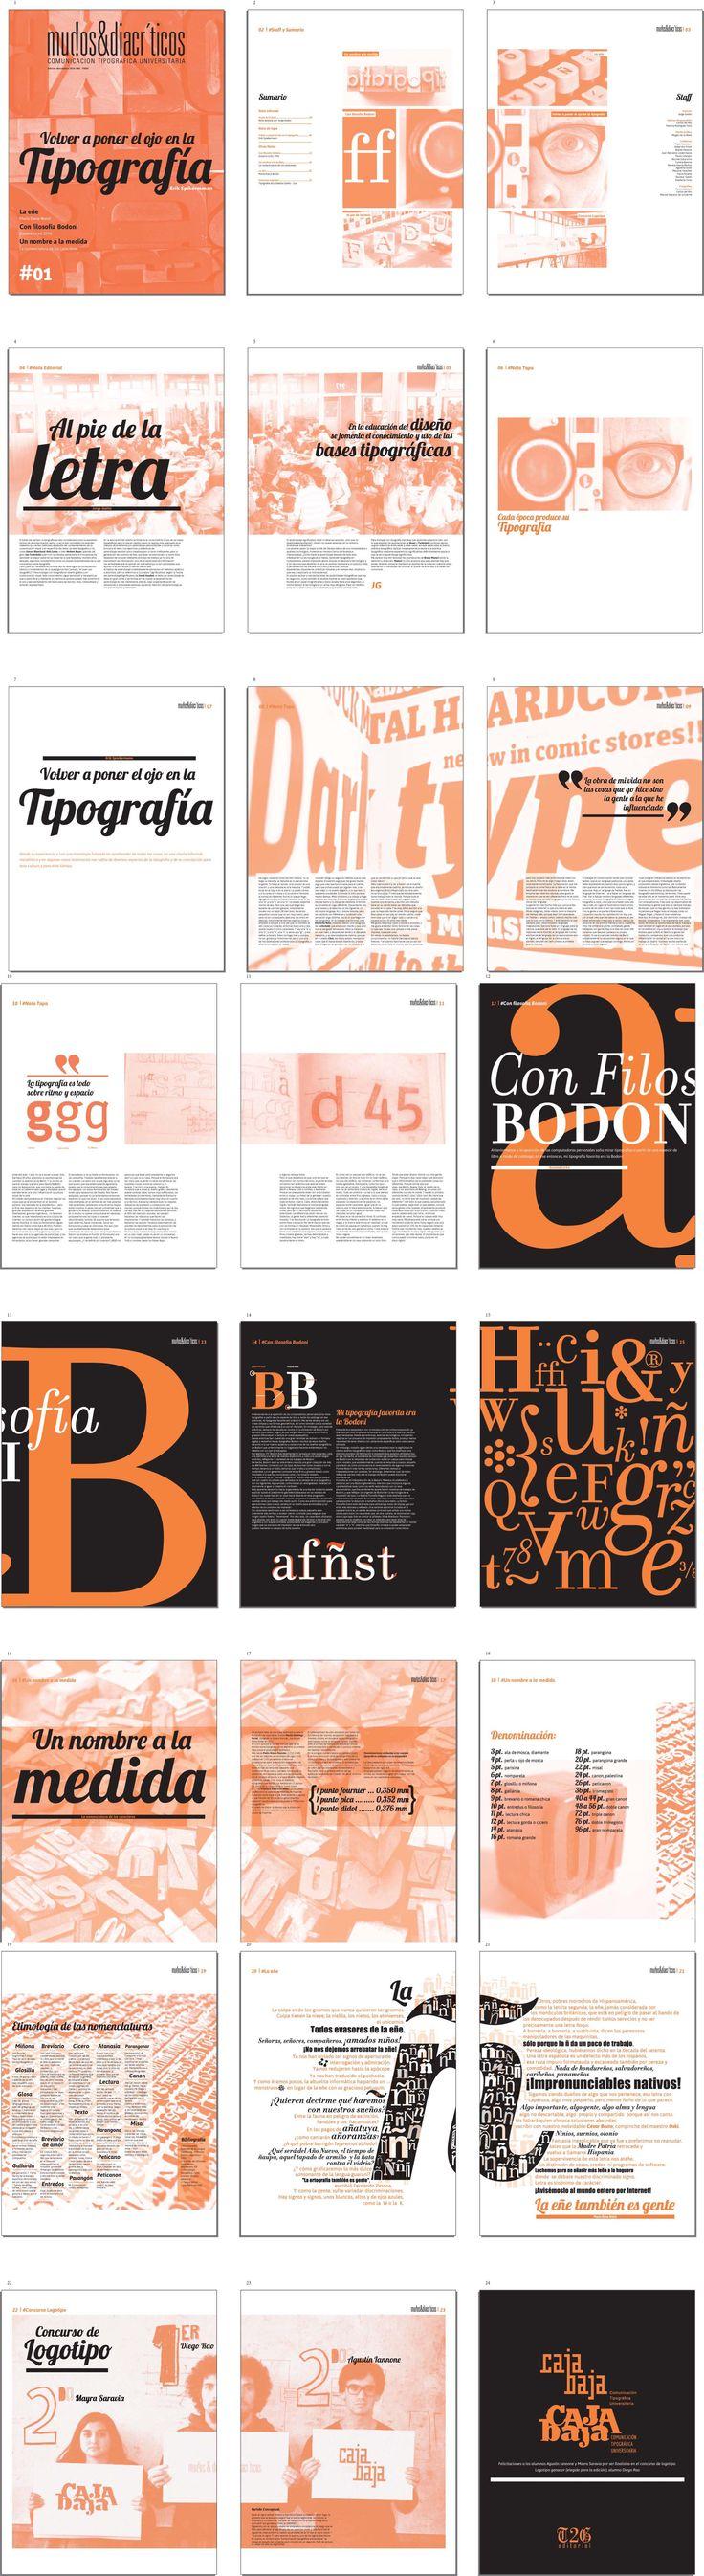 """Revista Tipografica """"MUDOS Y DIACRITICOS"""" TIPO2"""